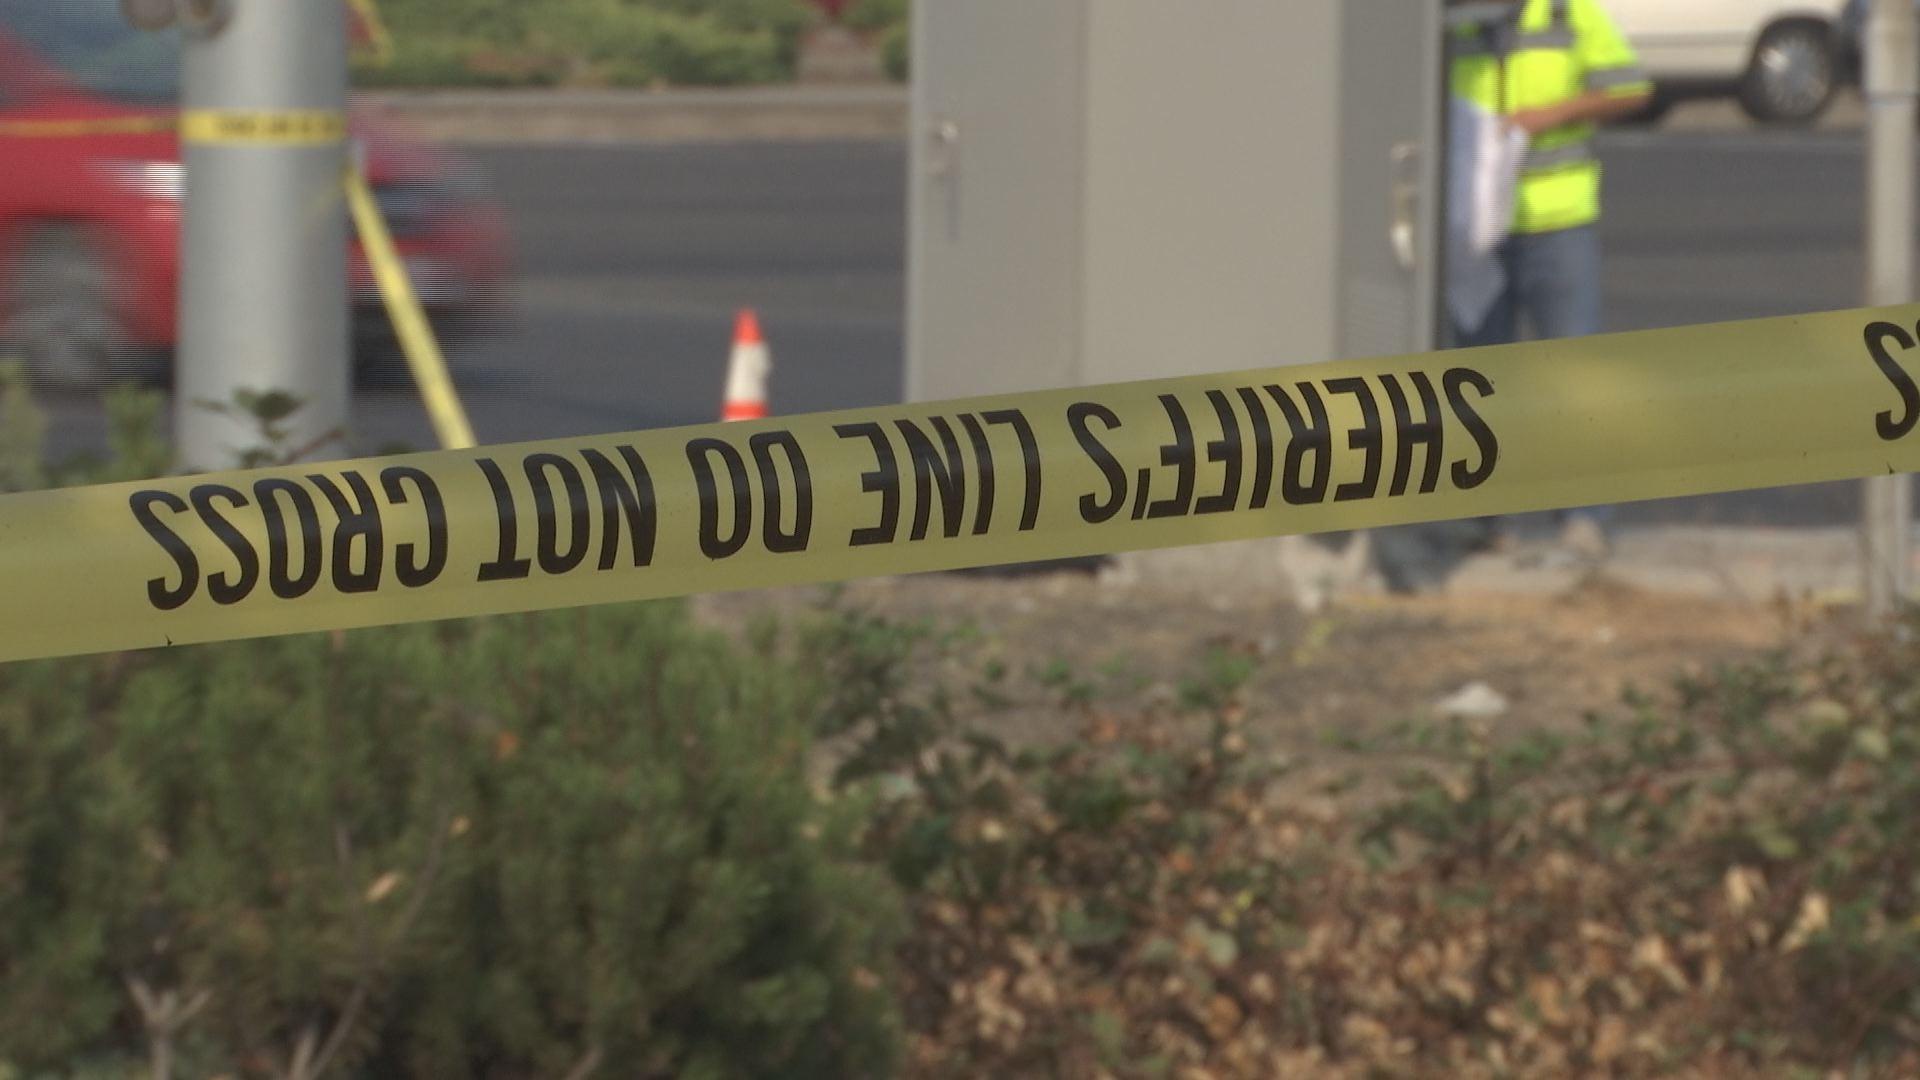 Police chase ends in fatal crash in White City - KOBI-TV